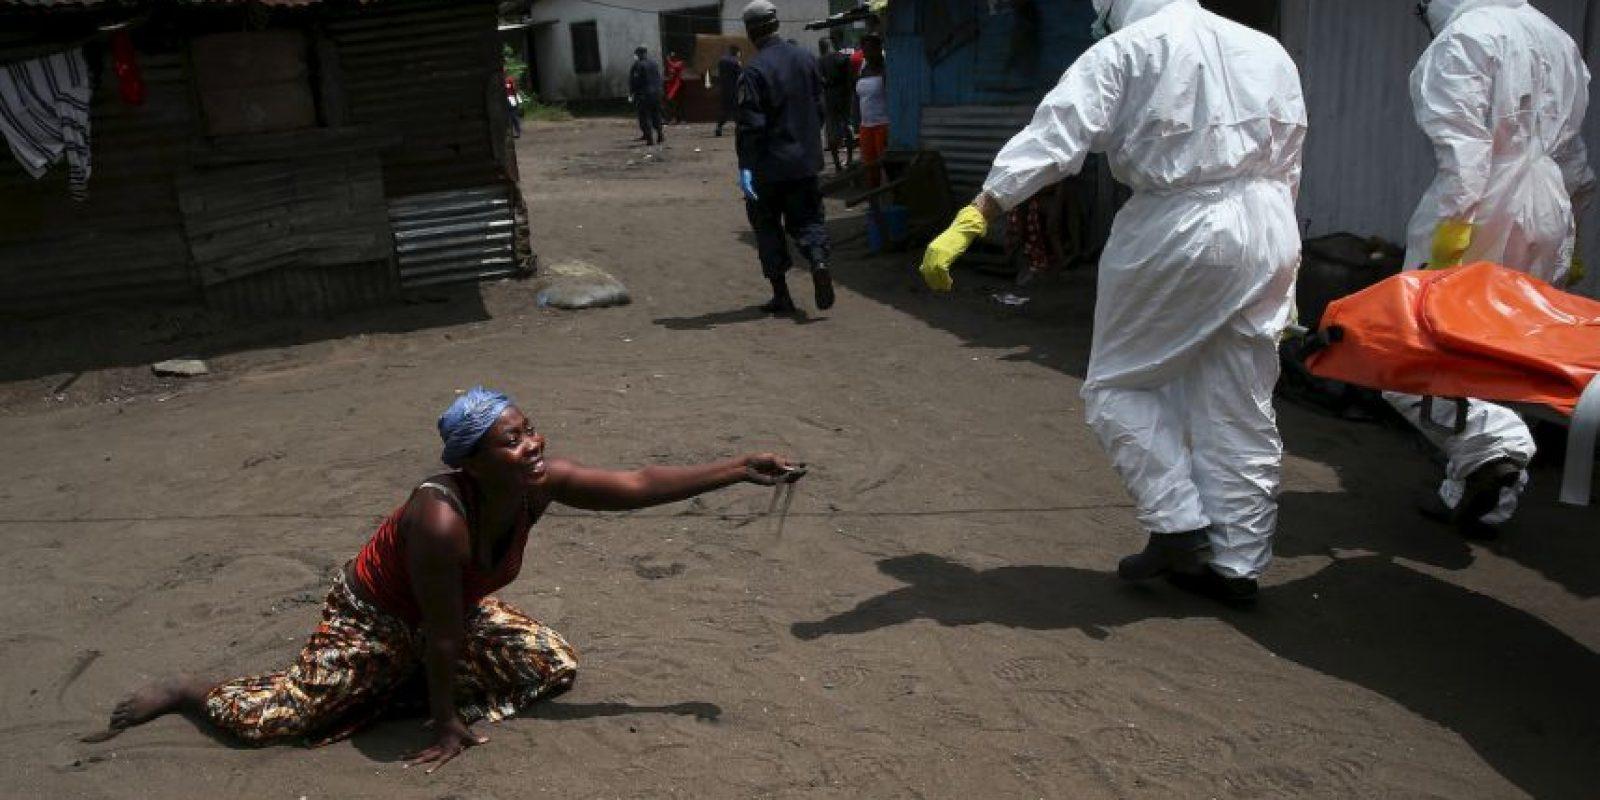 Los esfuerzos continúan para evitar un nuevo brote de la enfermedad. Foto:Getty Images